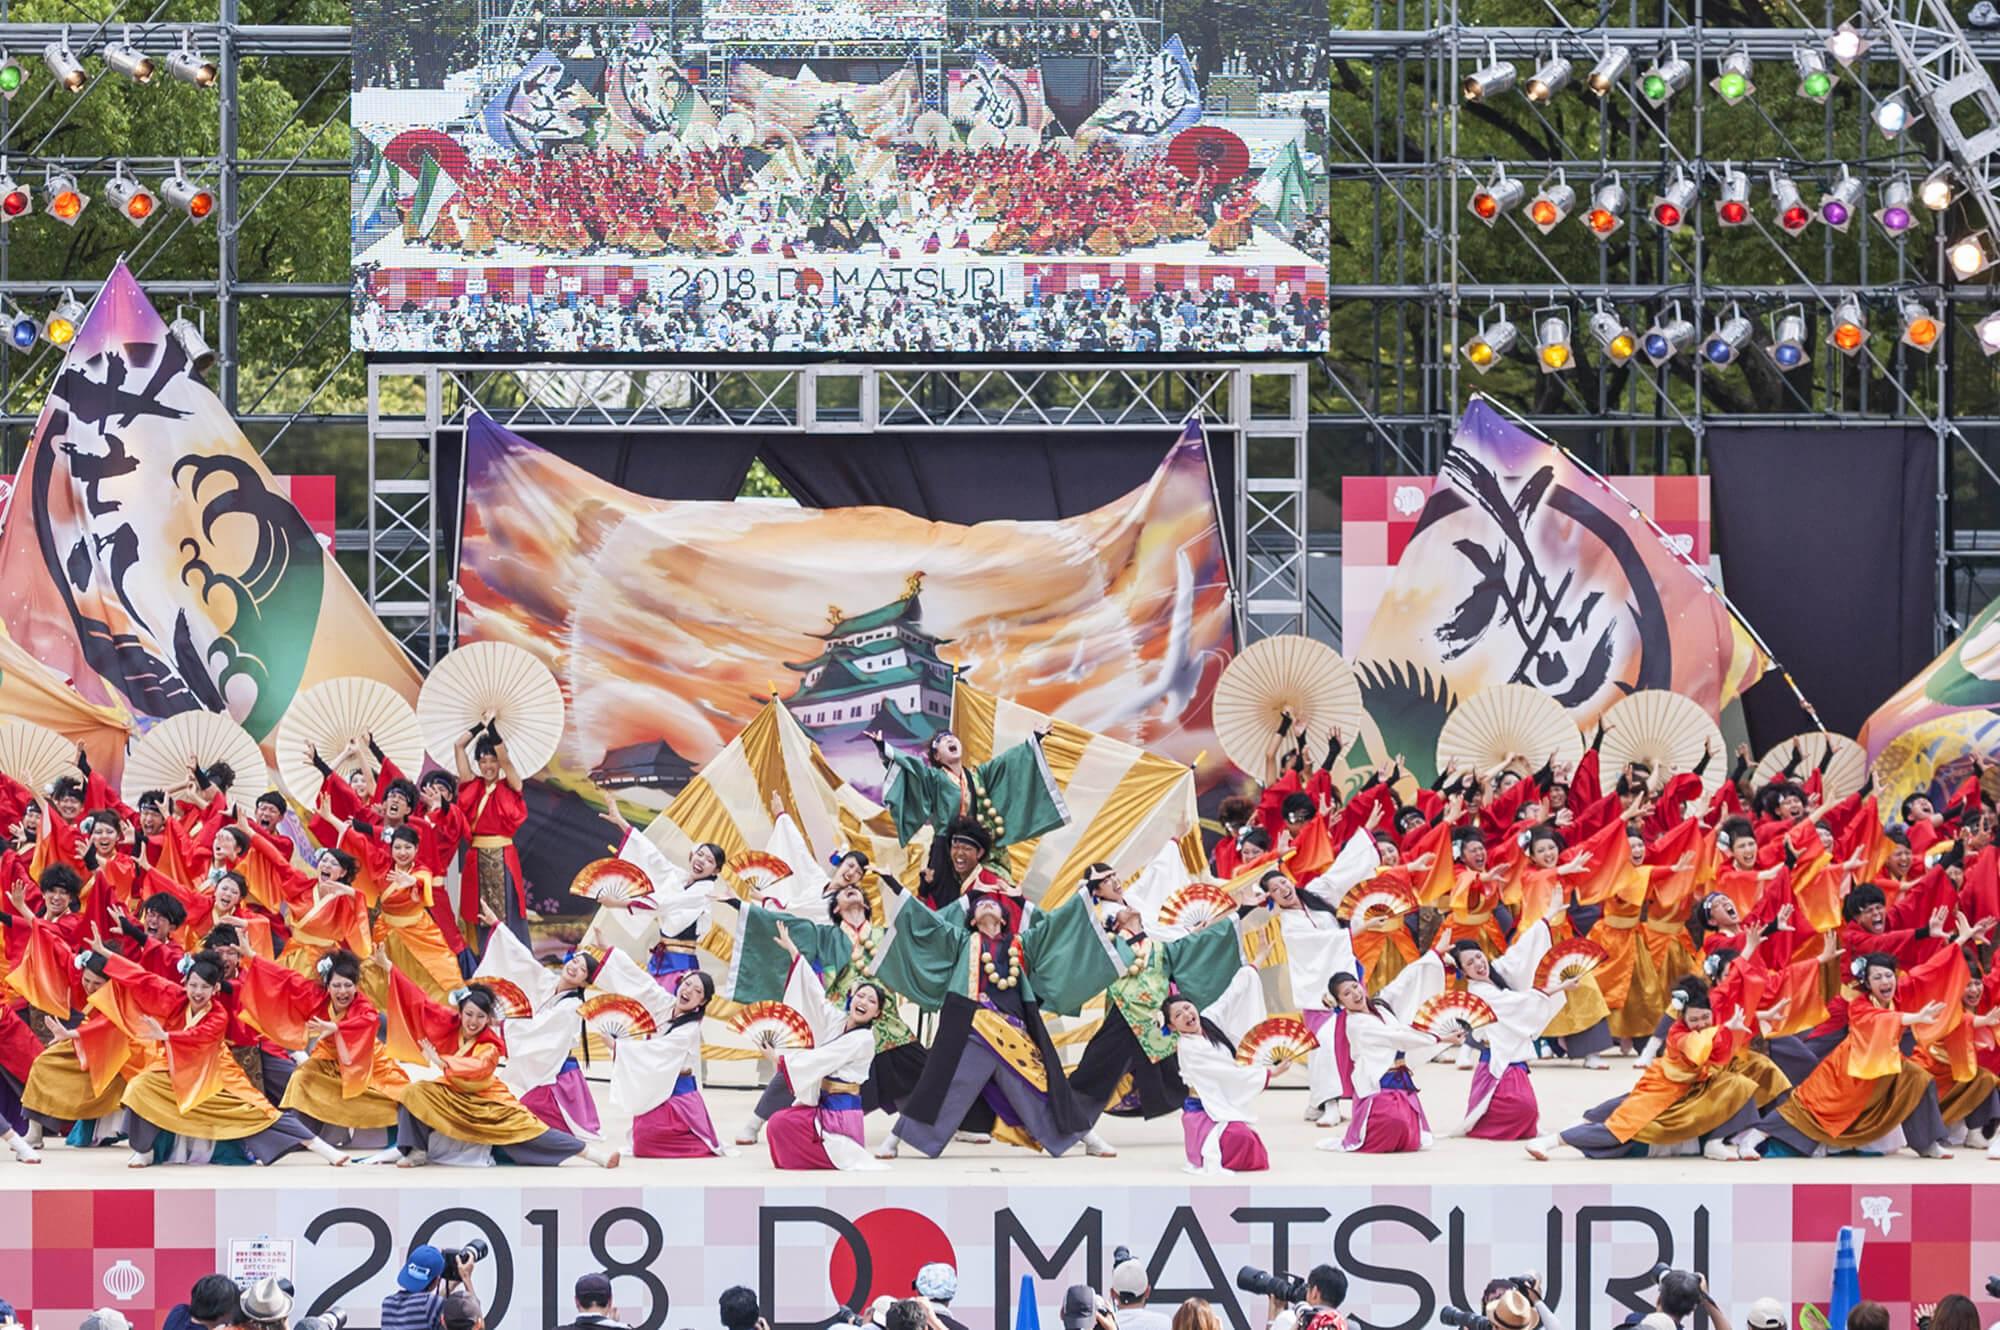 Domatsuri_2018